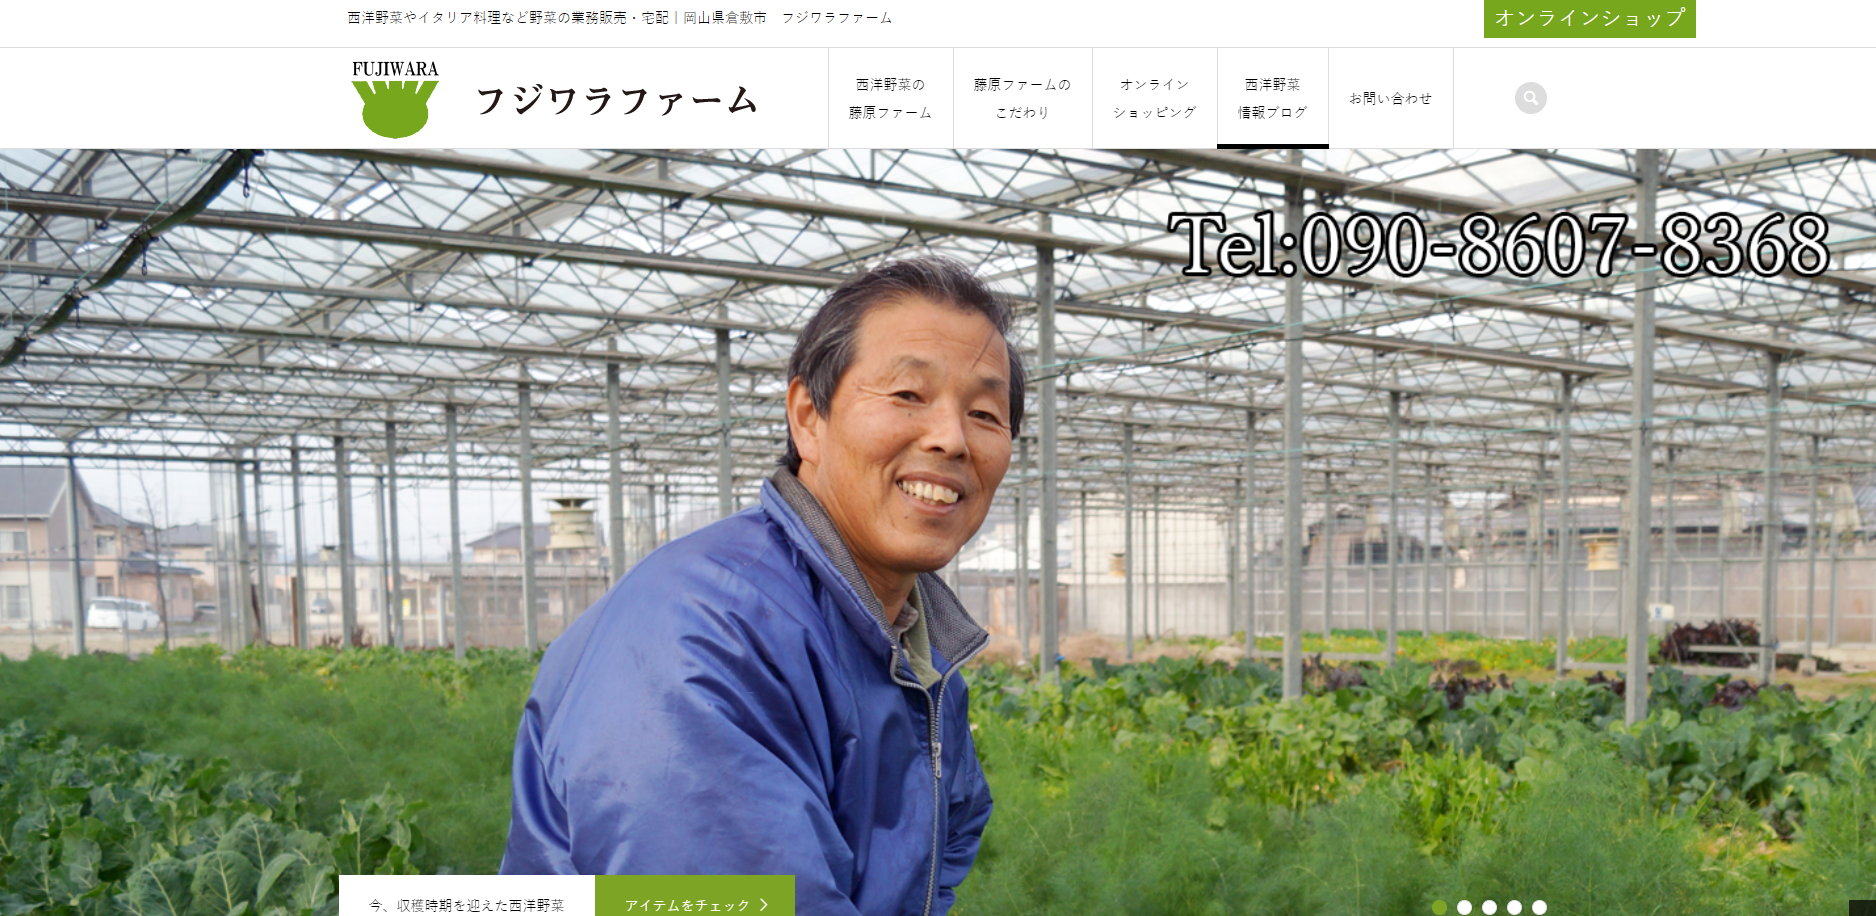 岡山県西洋野菜のフジワラファーム様